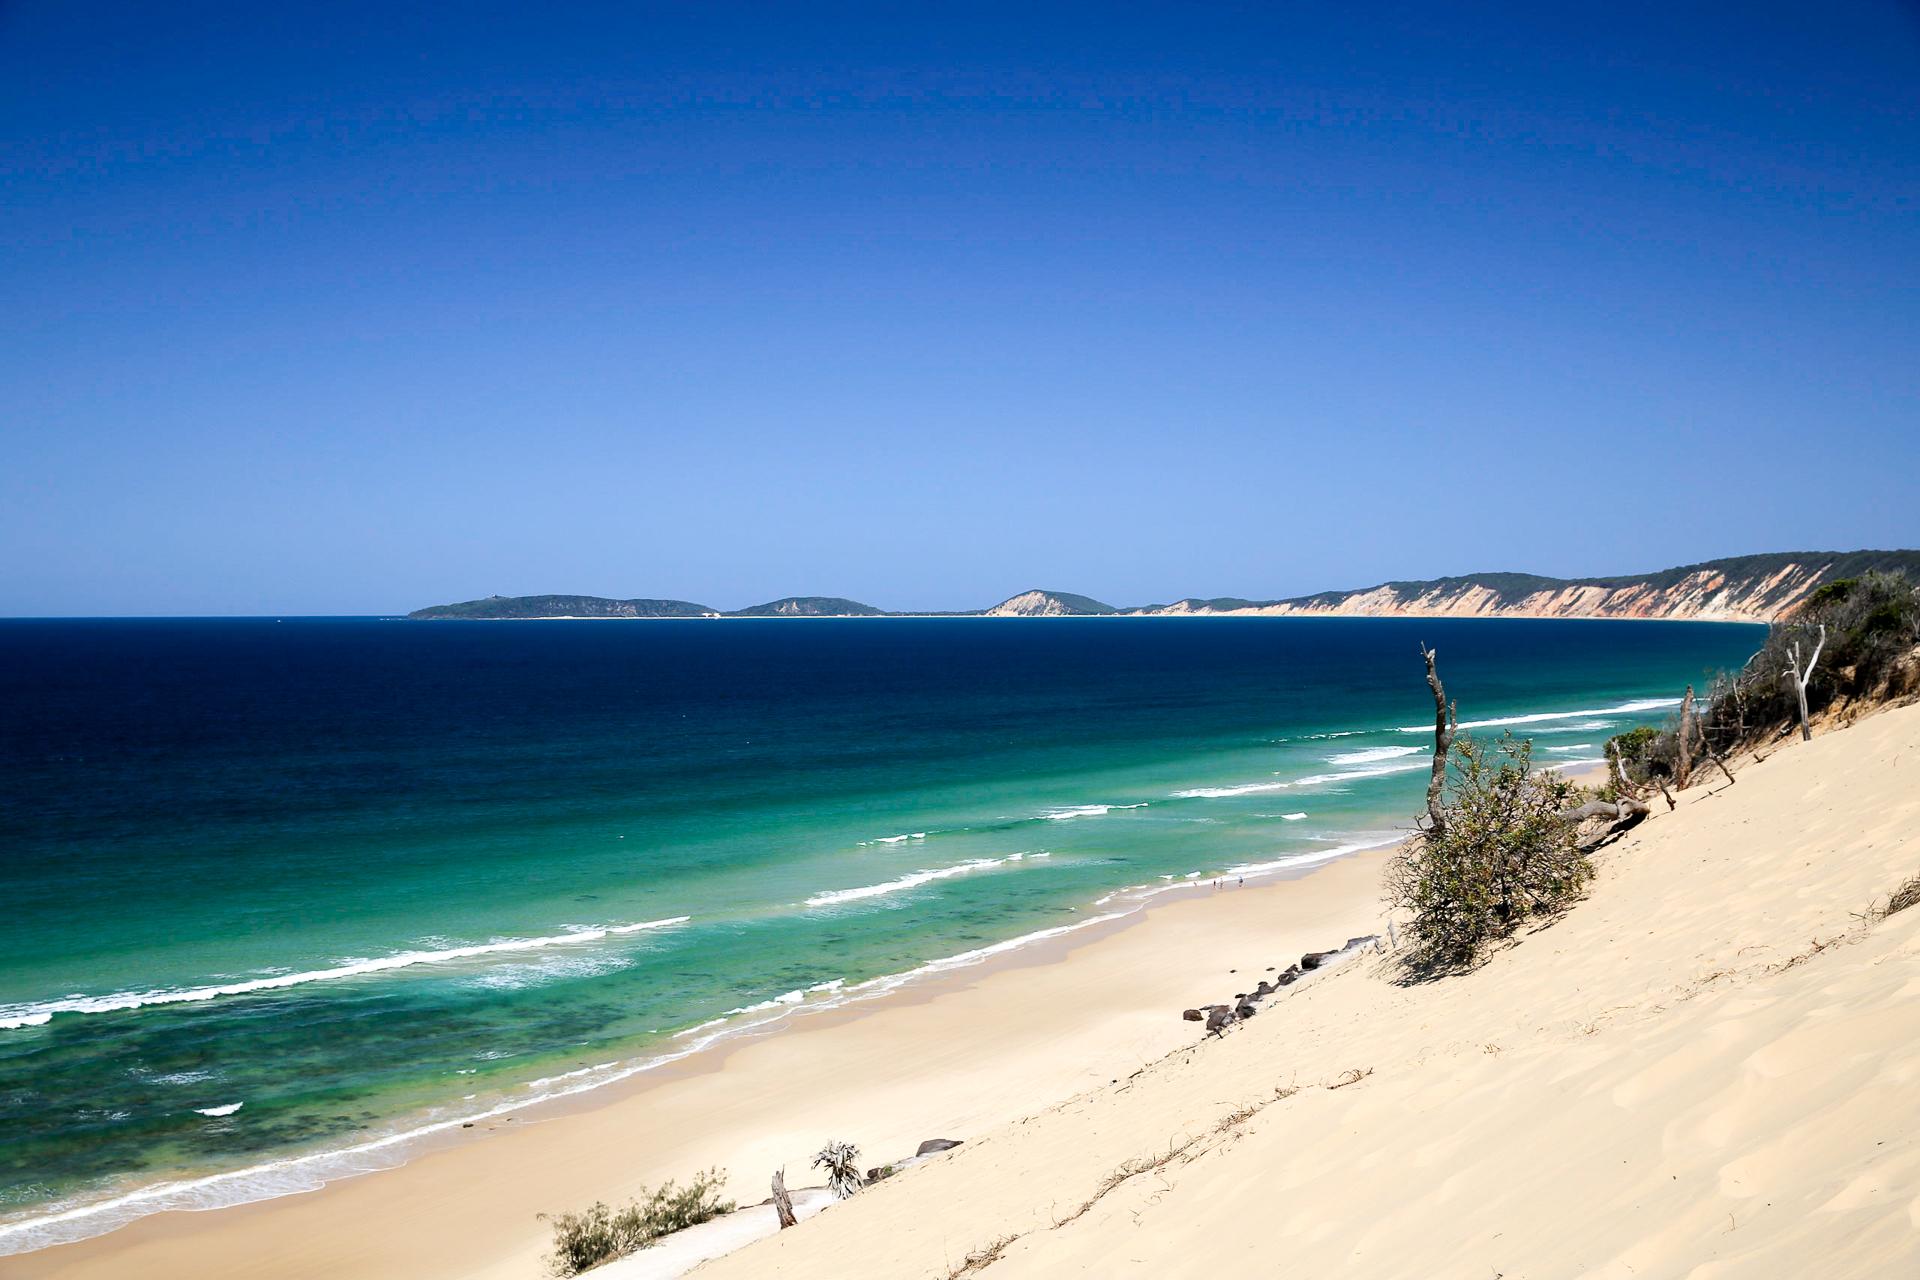 Bild: Cooloola Section zwischen Rainbow Beach und Noosa Heads Fraser Island